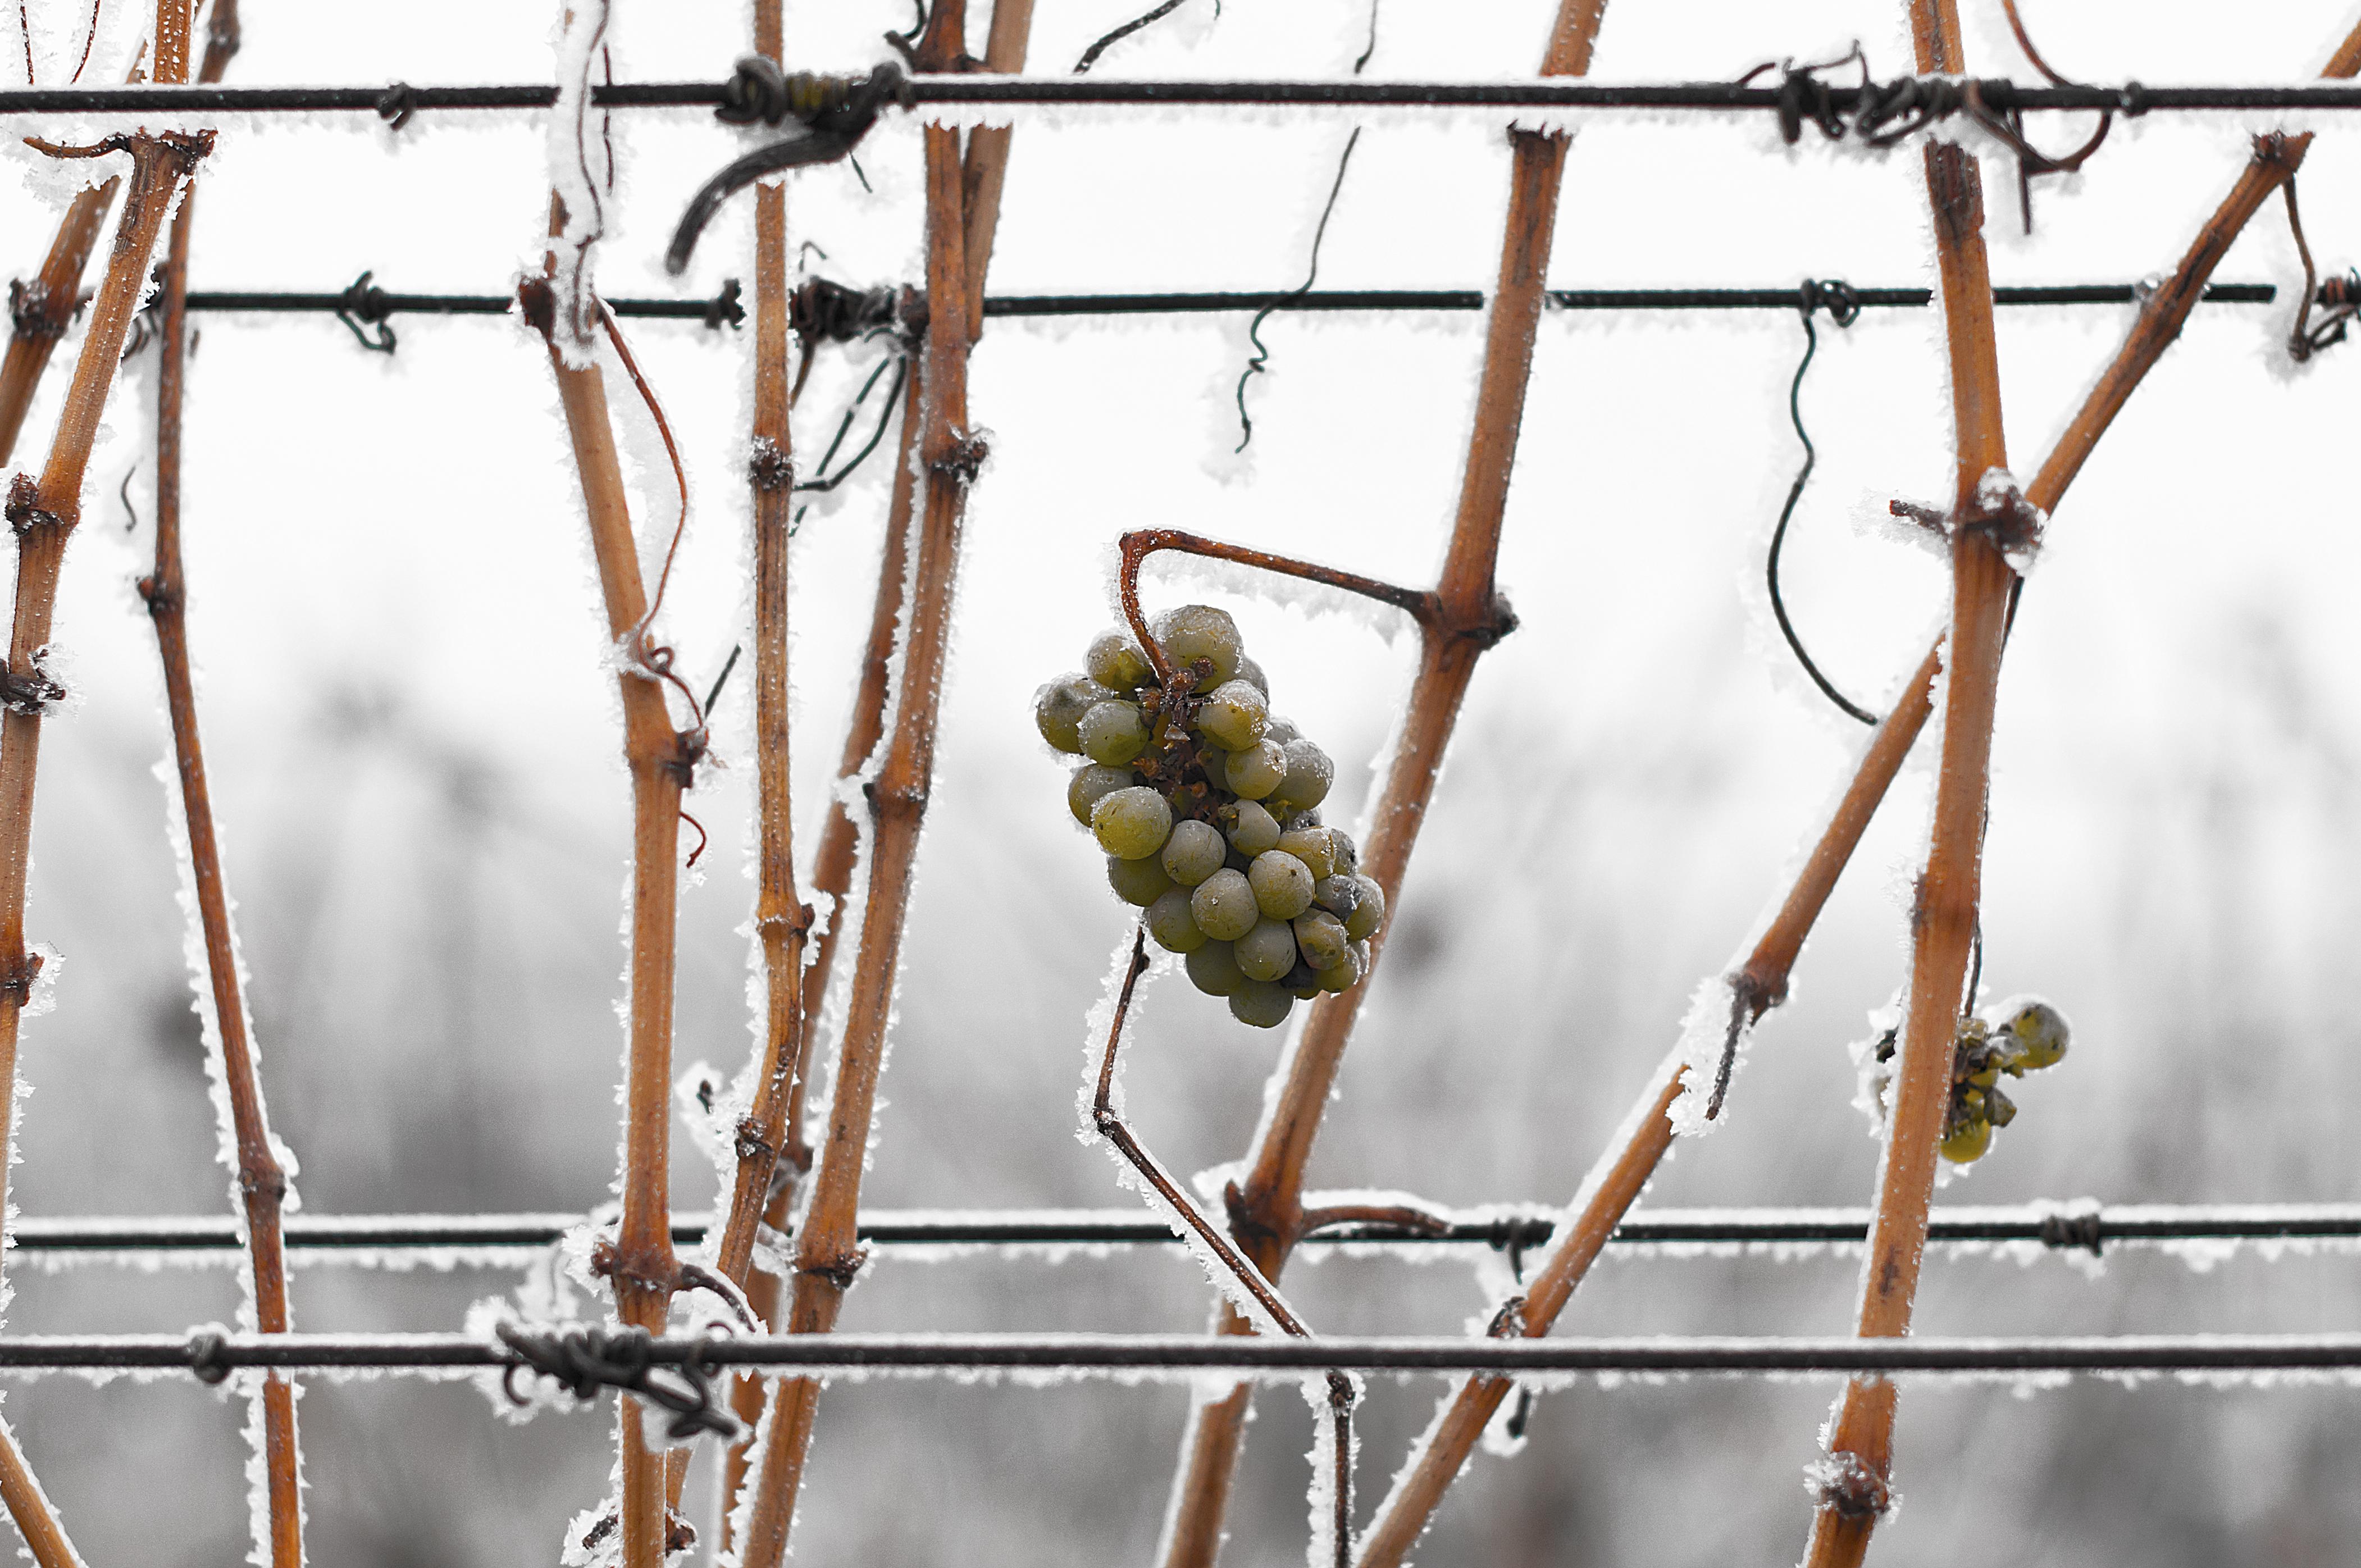 В ноябре придётся следить за погодой, чтобы вовремя укрыть виноград на зимний период